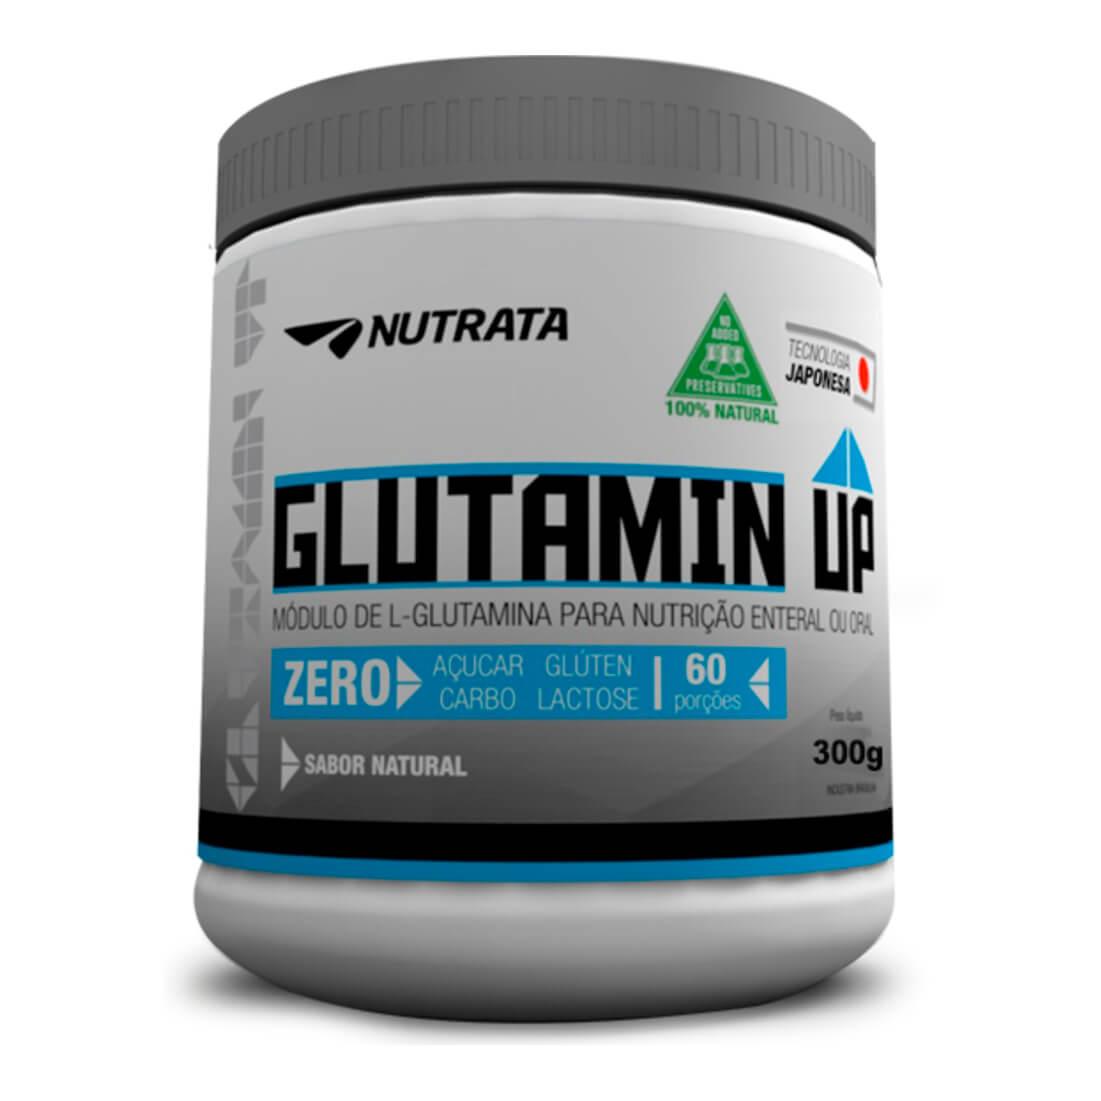 Glutamin UP Nutrata - 300g